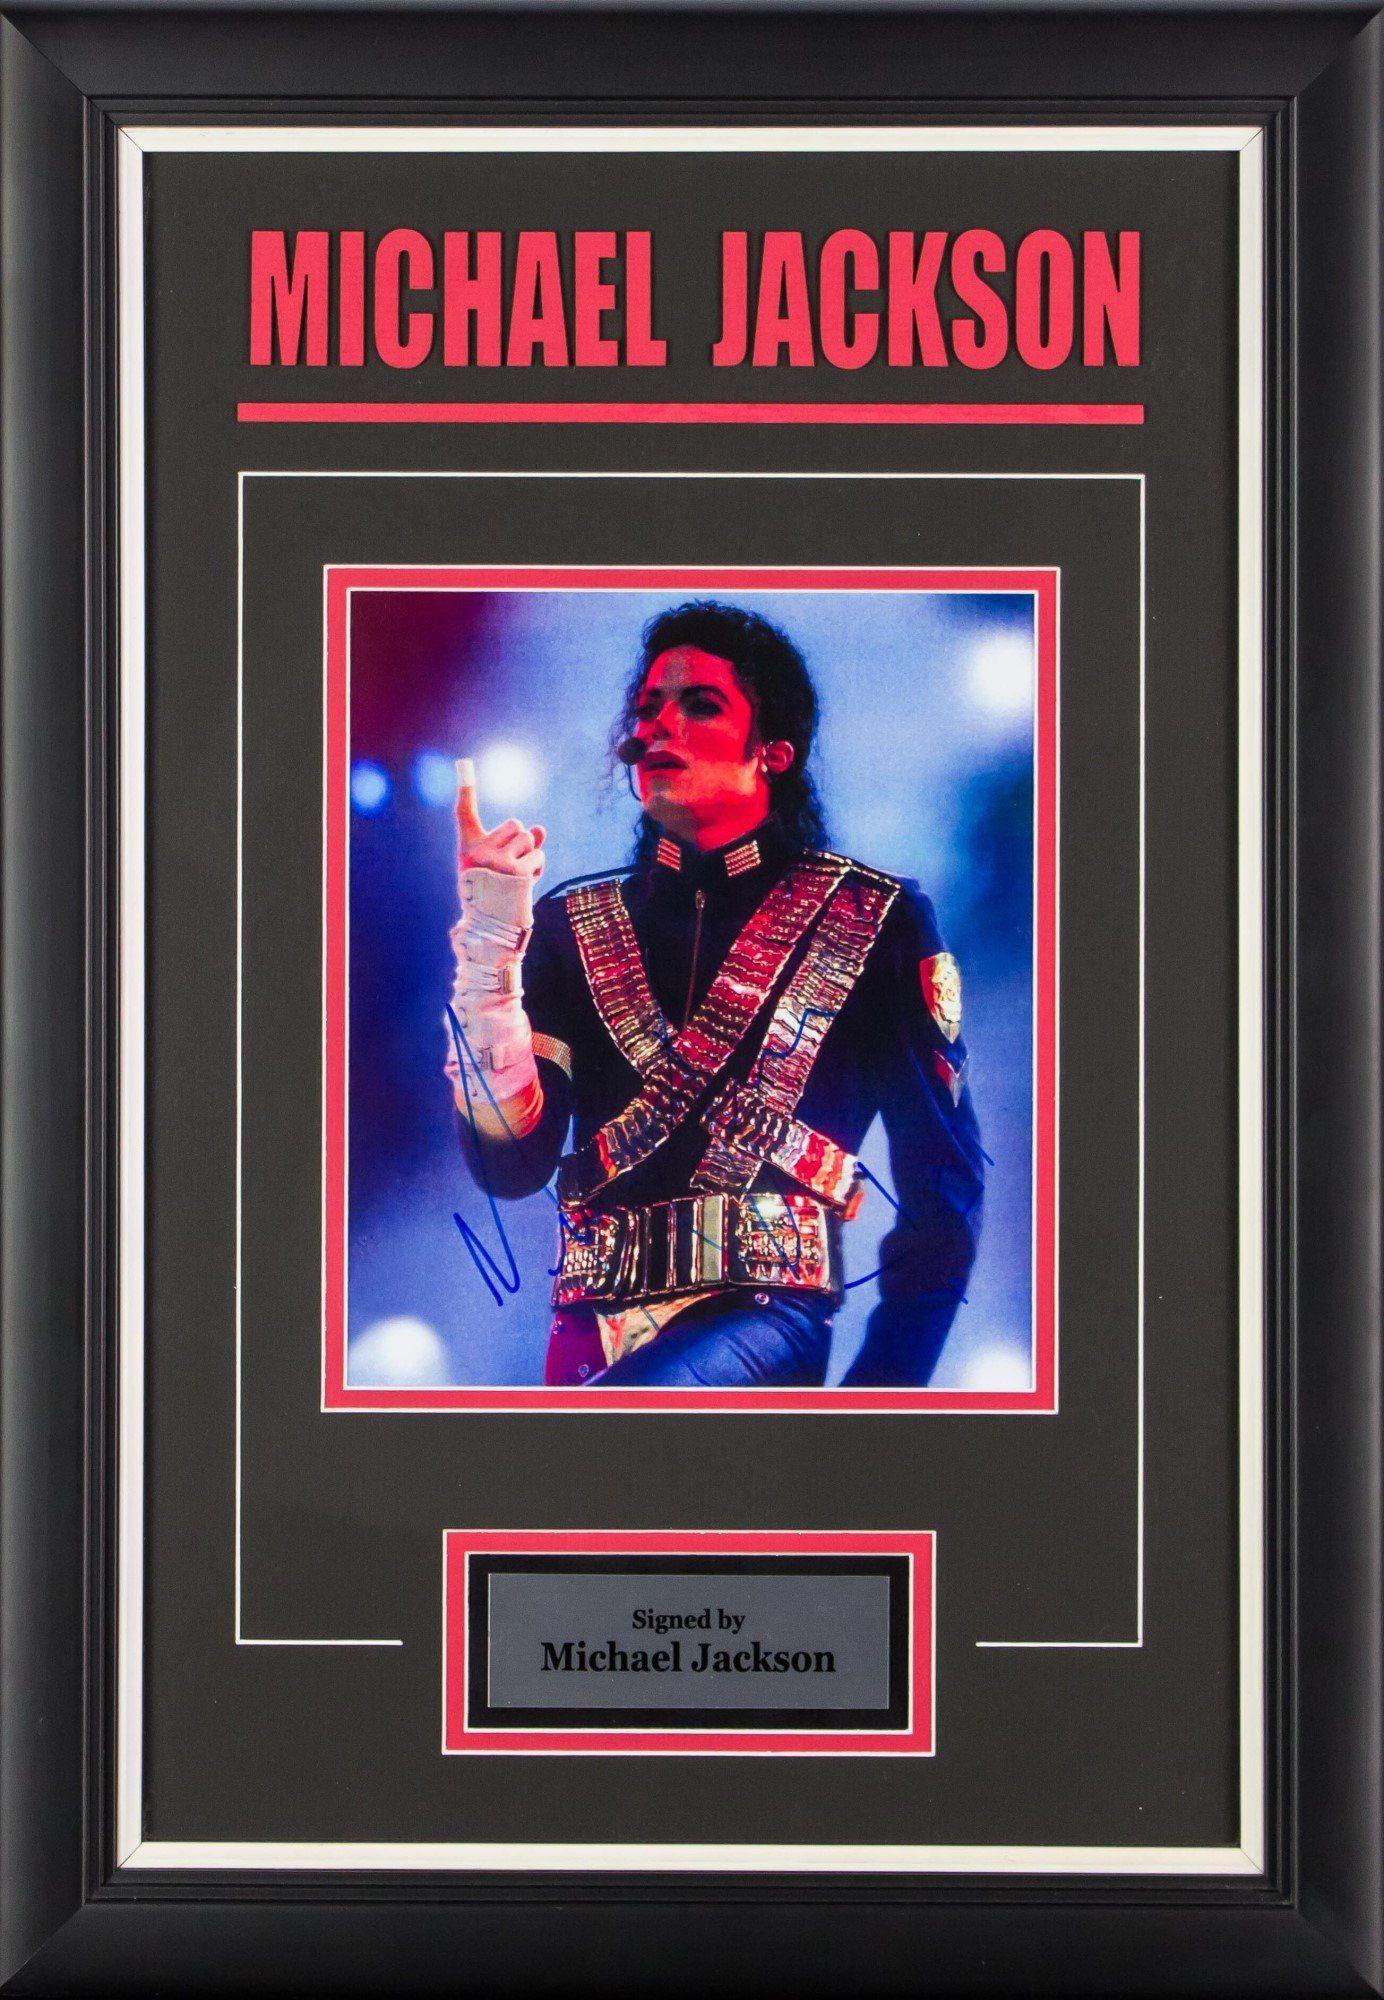 Michael Jackson Signed Concert Photo Custom Framed | Custom framing ...